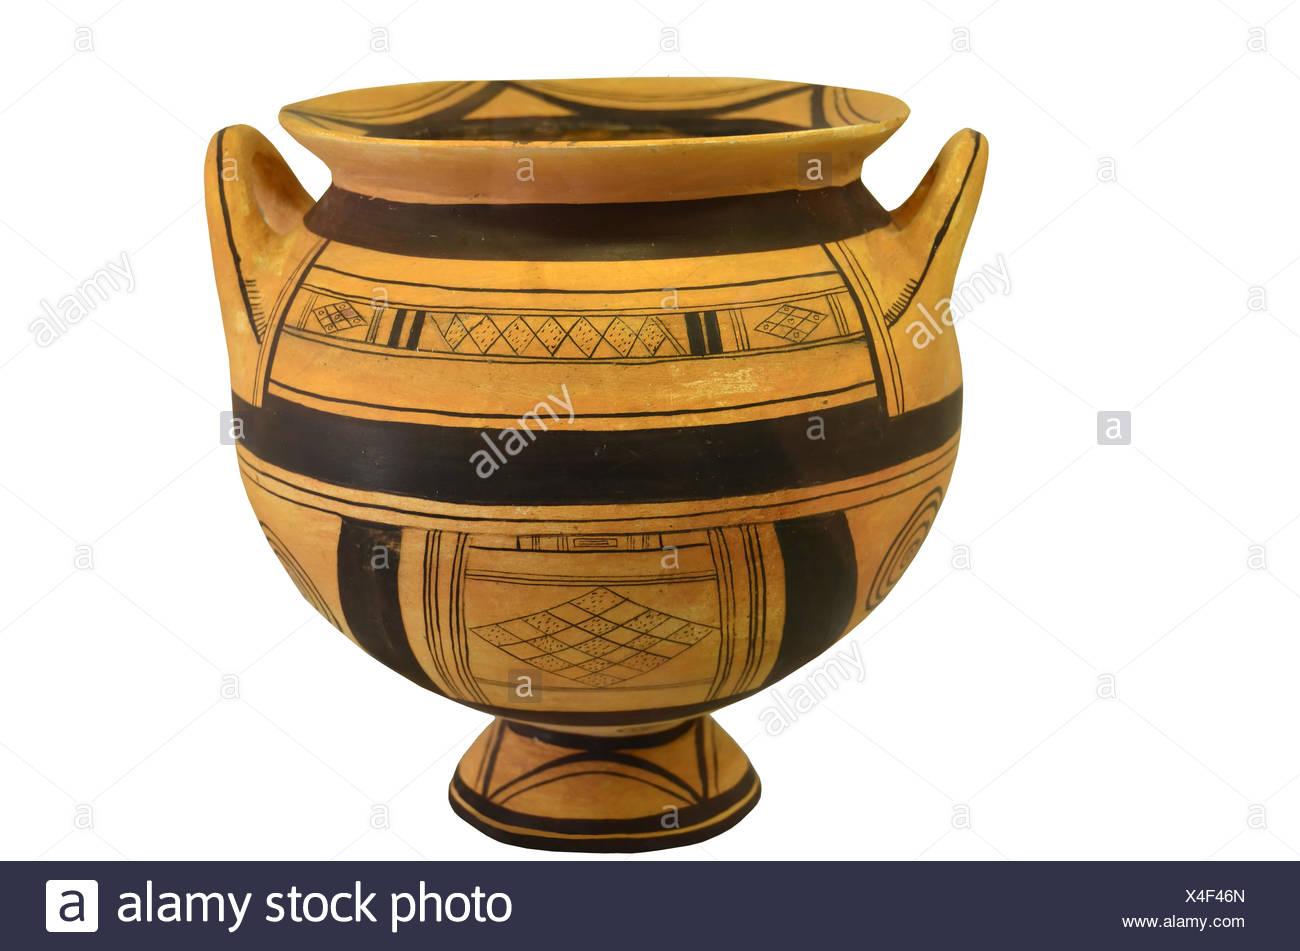 Un Antico Vaso Greco Dal Periodo Geometrico Isolamento Contro Uno